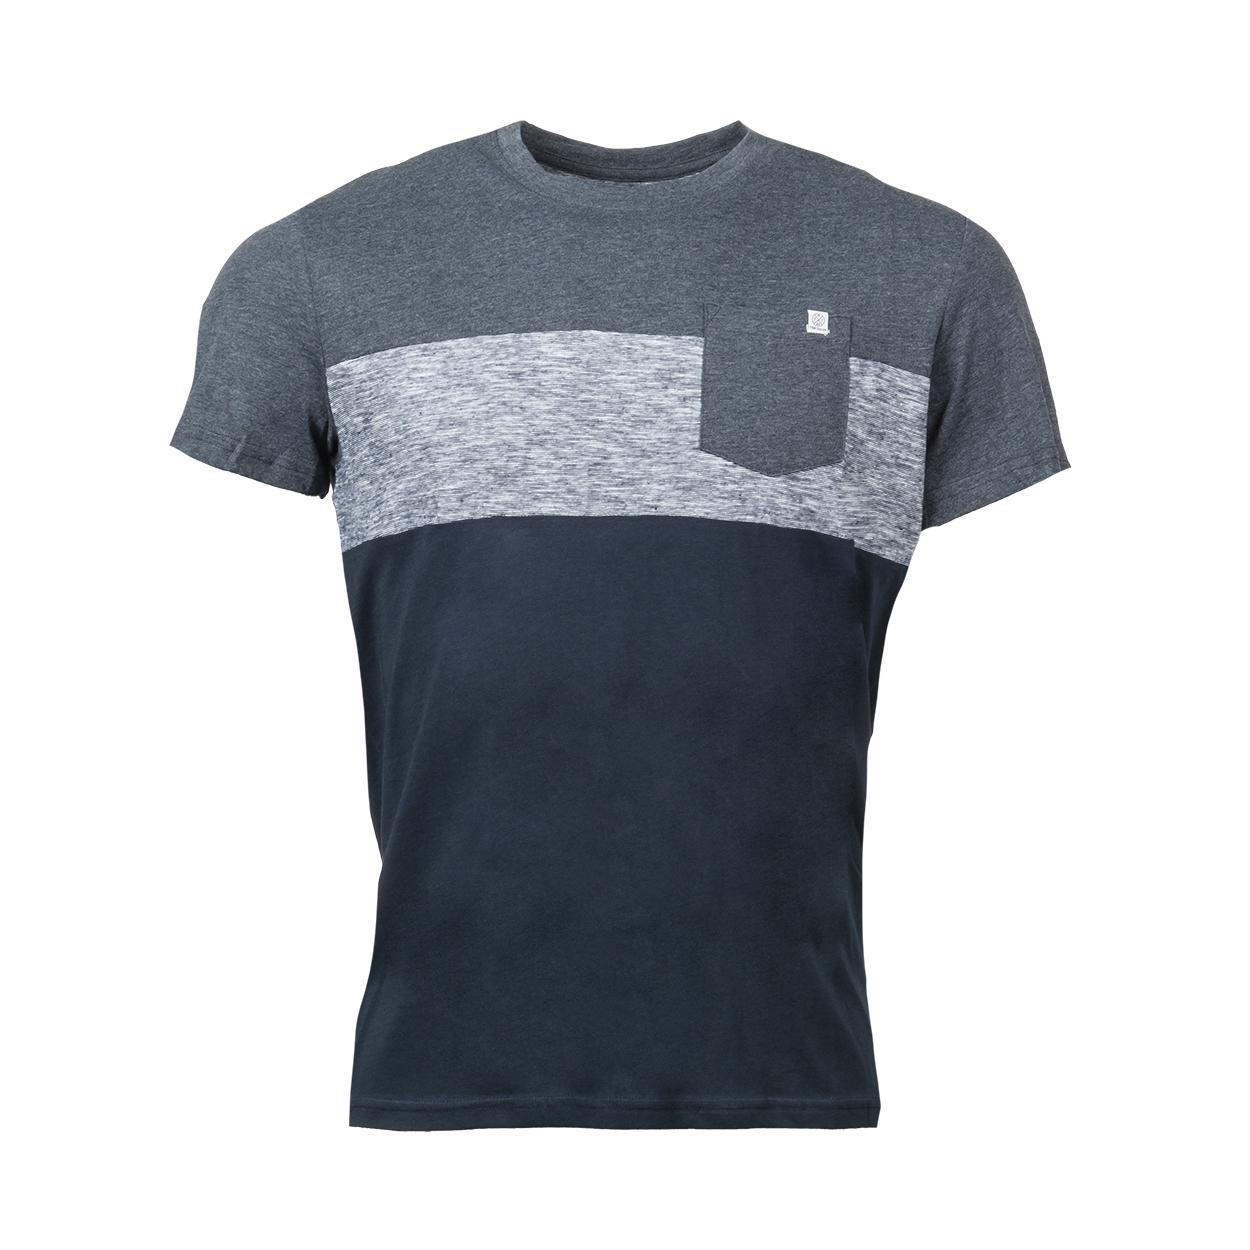 Tee-shirt col rond  cutline en coton mélangé colorblock bleu chiné et bleu marine